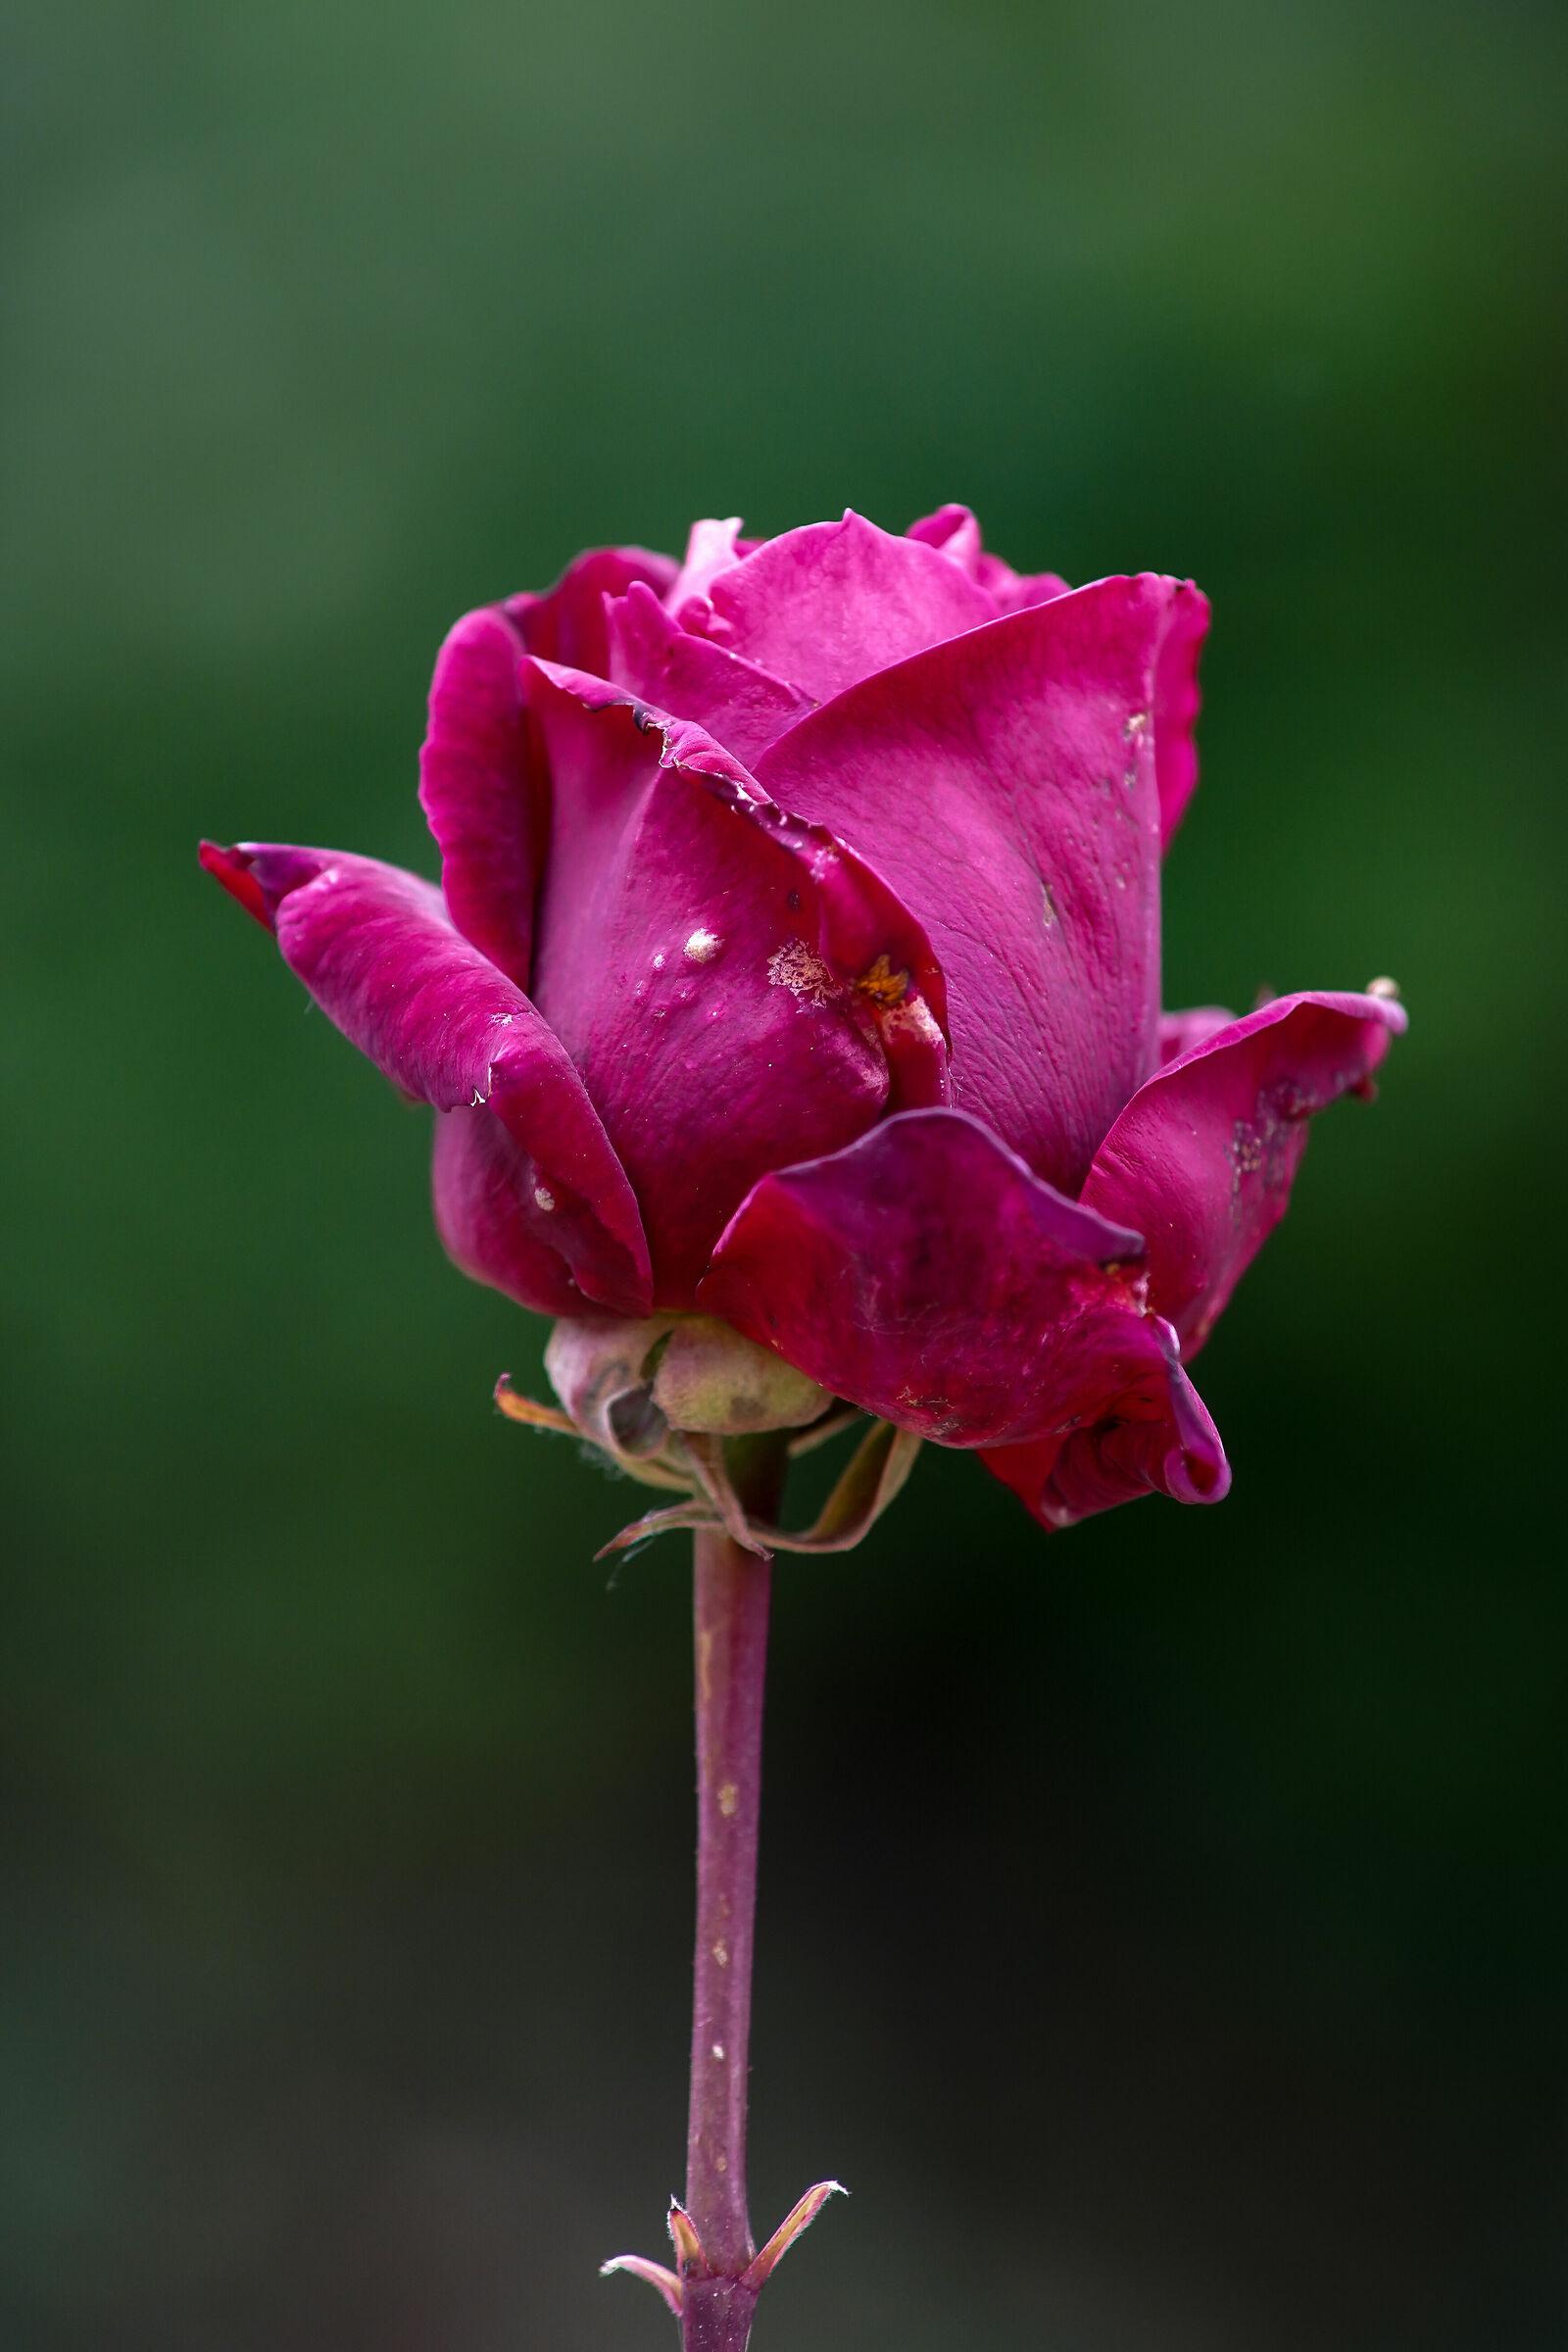 ... A rose a little worn......